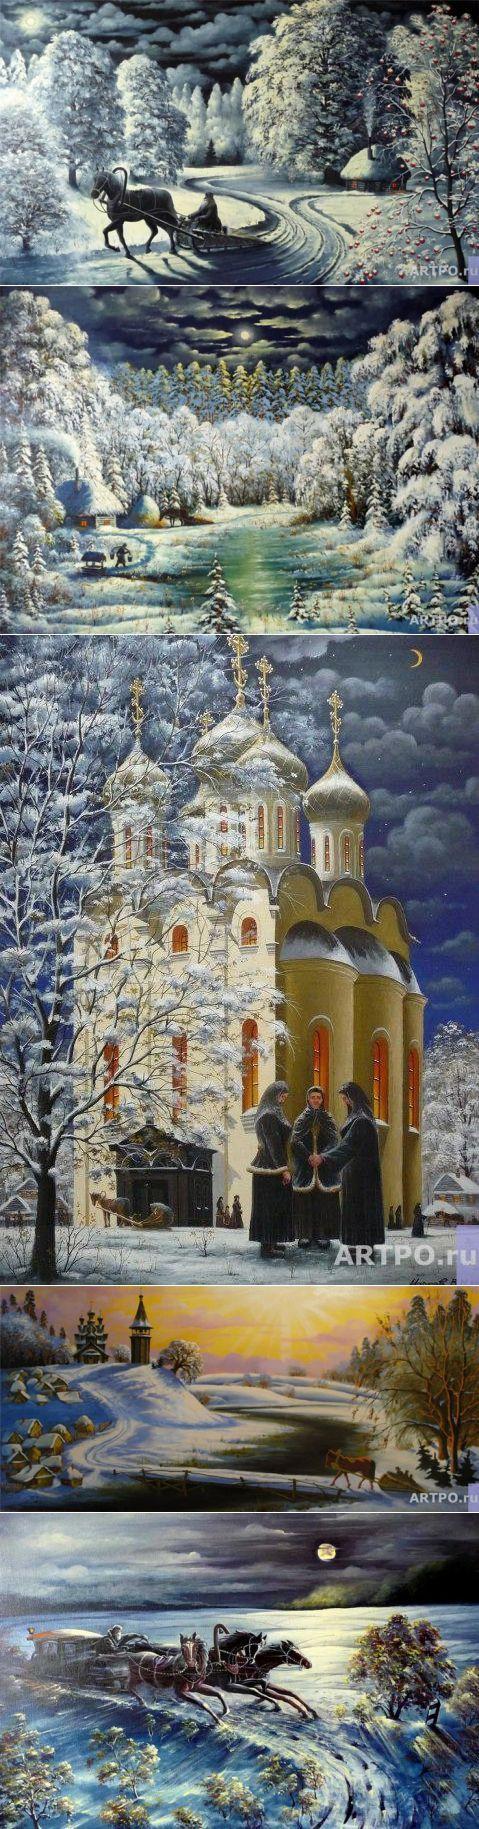 Сказочное и исконно русское. Веет теплом, домом, спокойствием. Владимир Марков    искусство   Постила